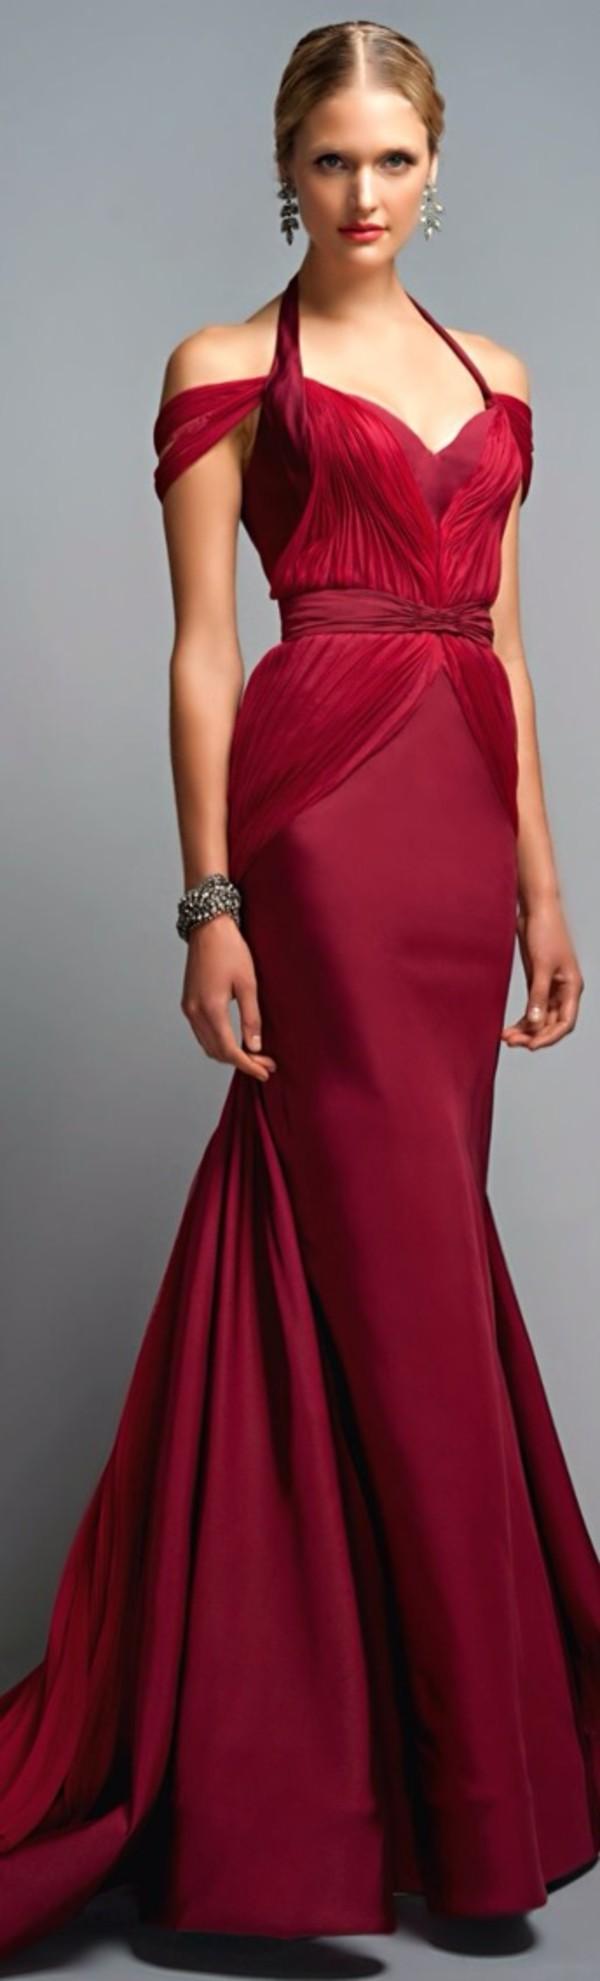 dress red dress formal dress prom dress